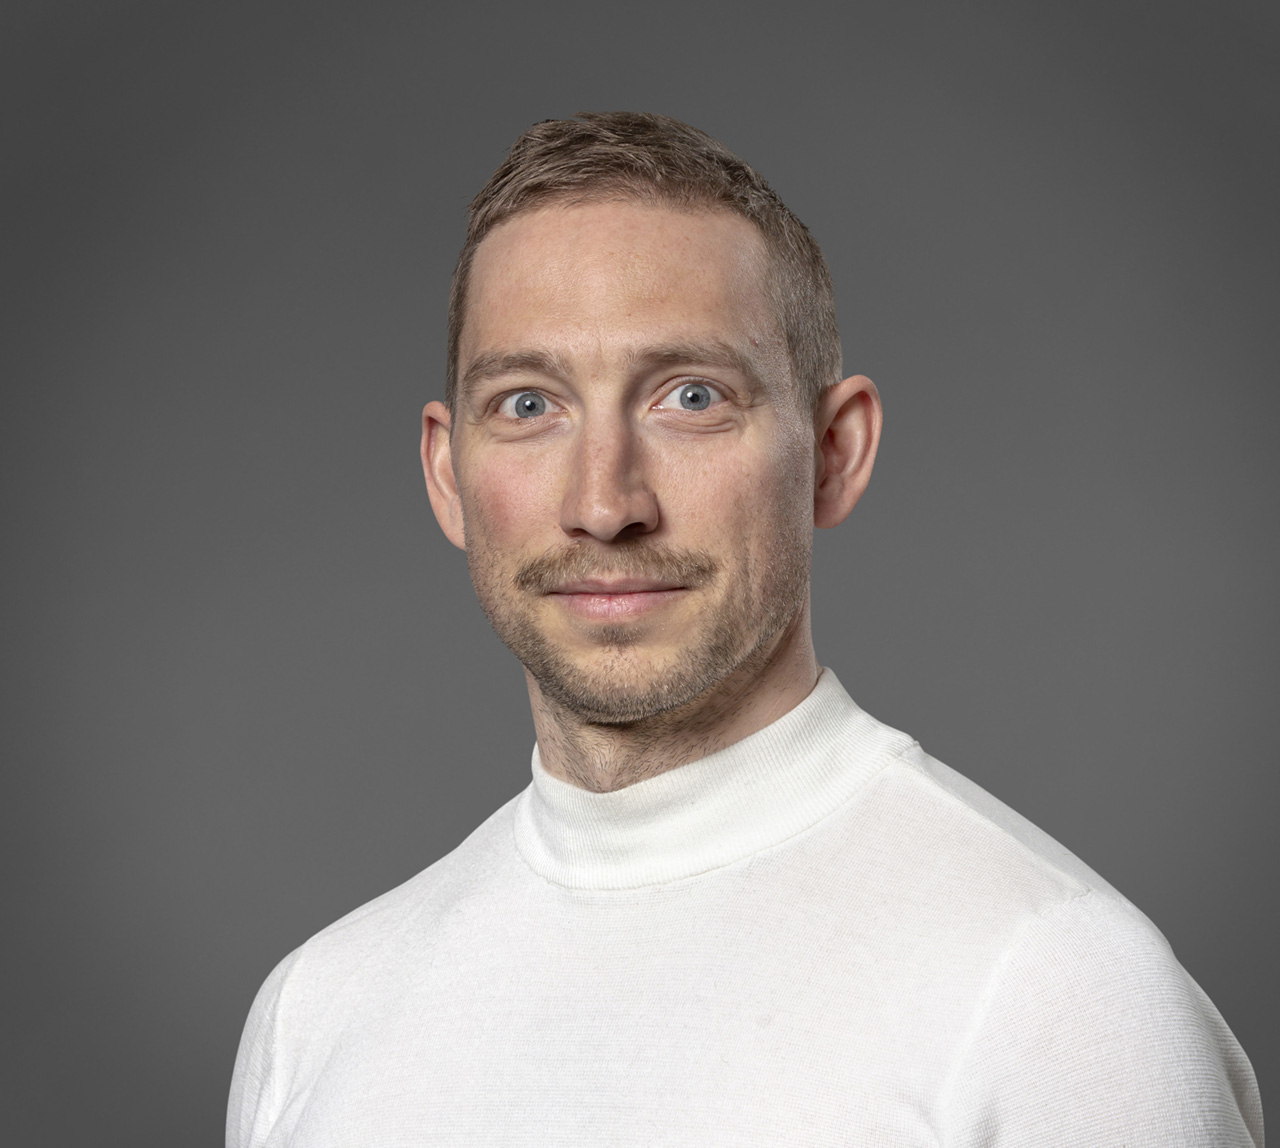 Erik Haglund